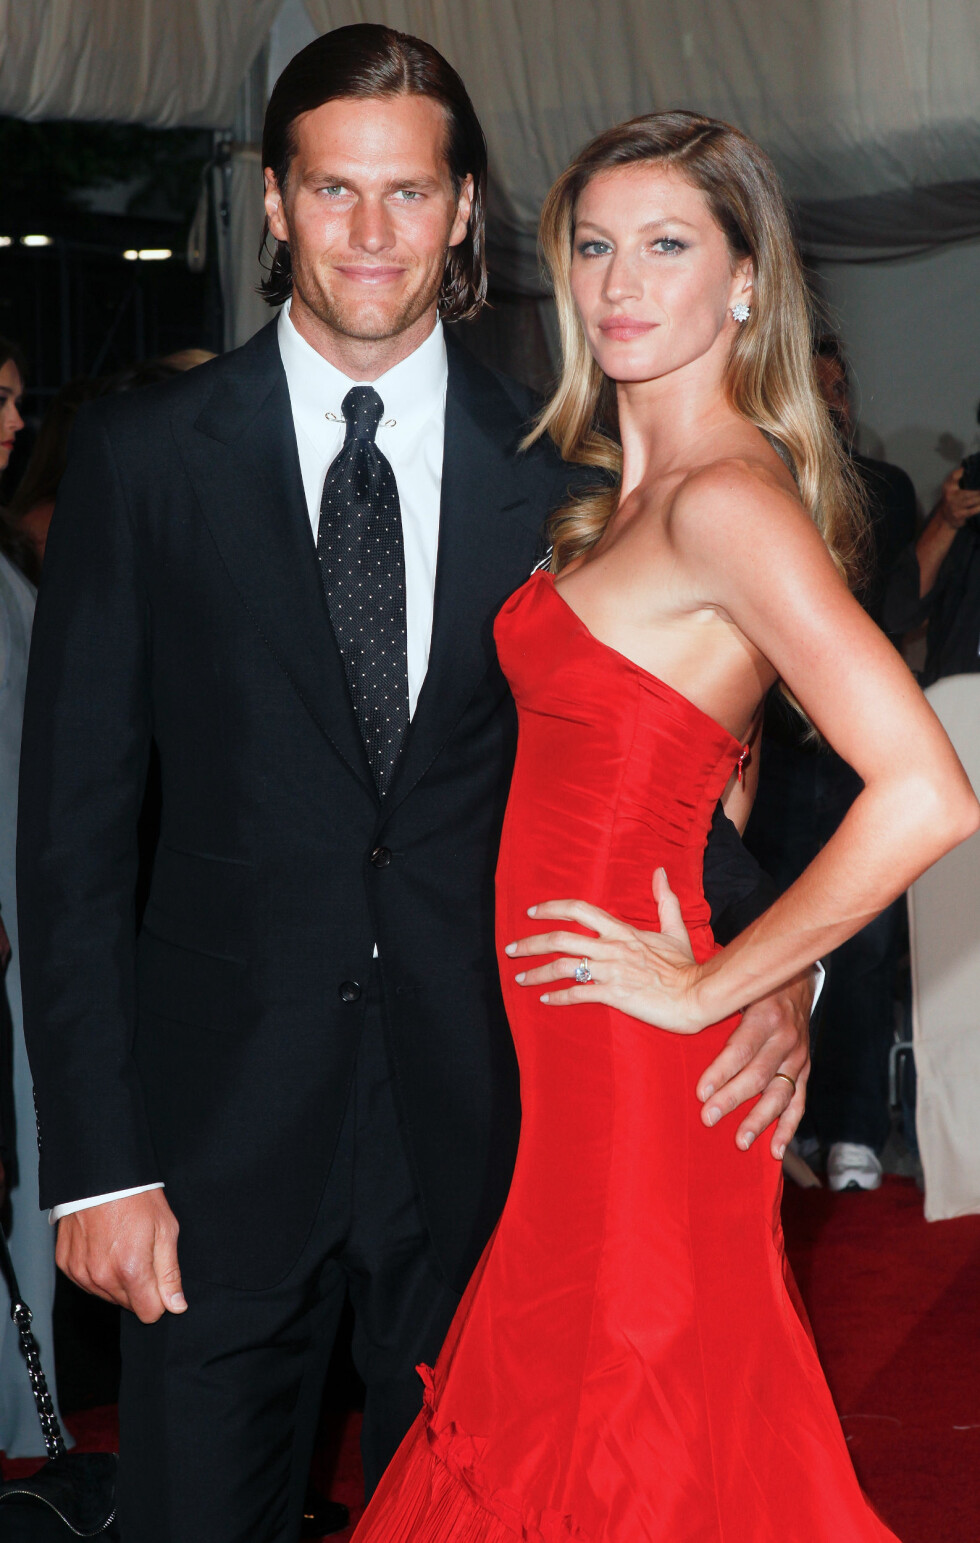 PAR I HJERTER: Tom Brady og Gisele Bündchen. Foto: NTB Scanpix